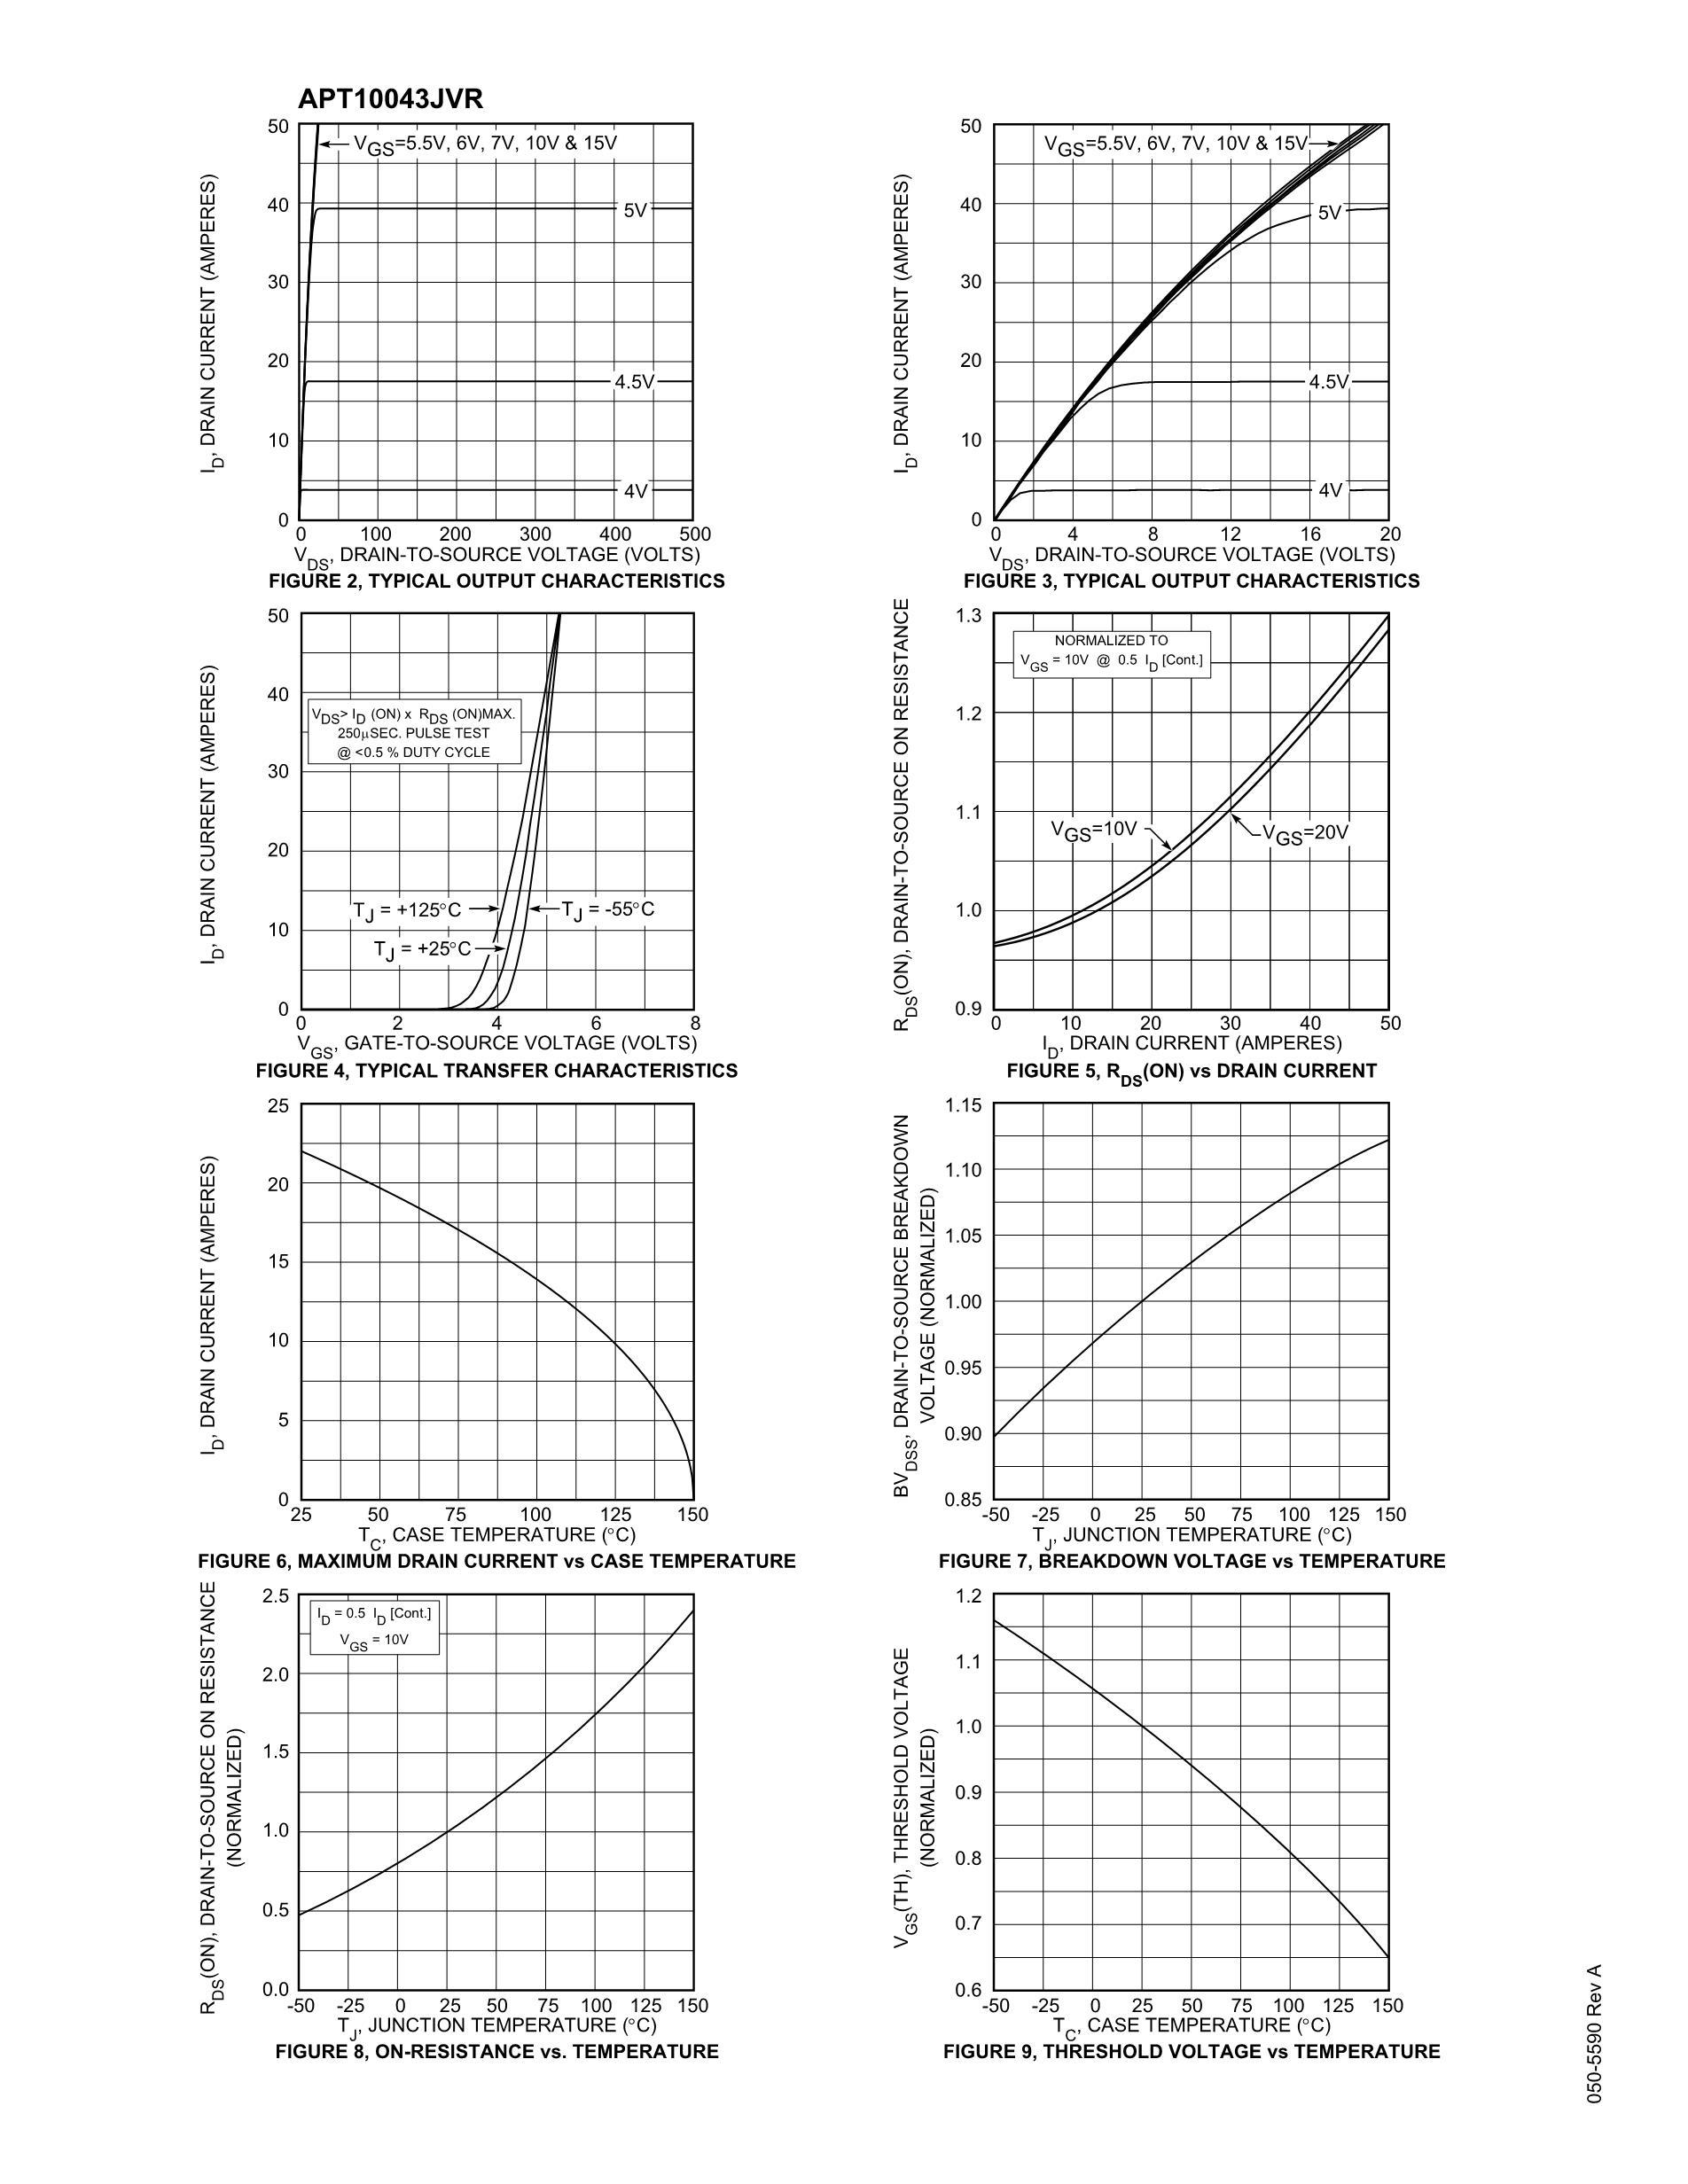 APT10050JVFR's pdf picture 3